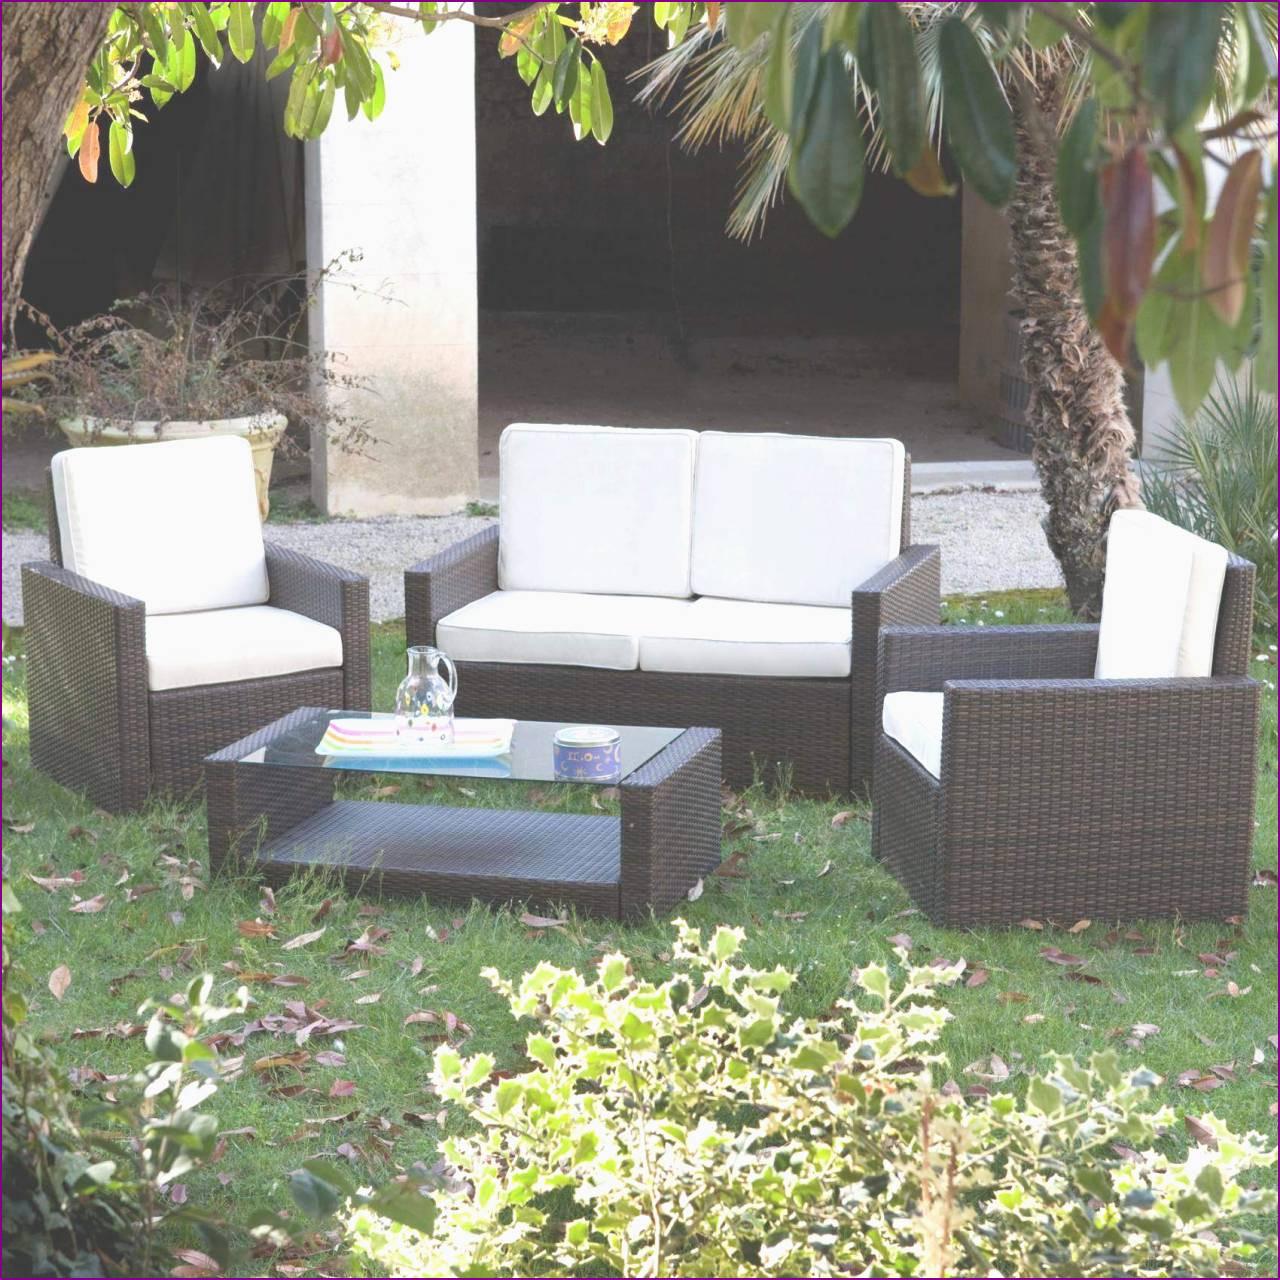 Salon De Jardin Pas Cher Leclerc - The Best Undercut Ponytail concernant Salon De Jardin En Plastique Pas Cher